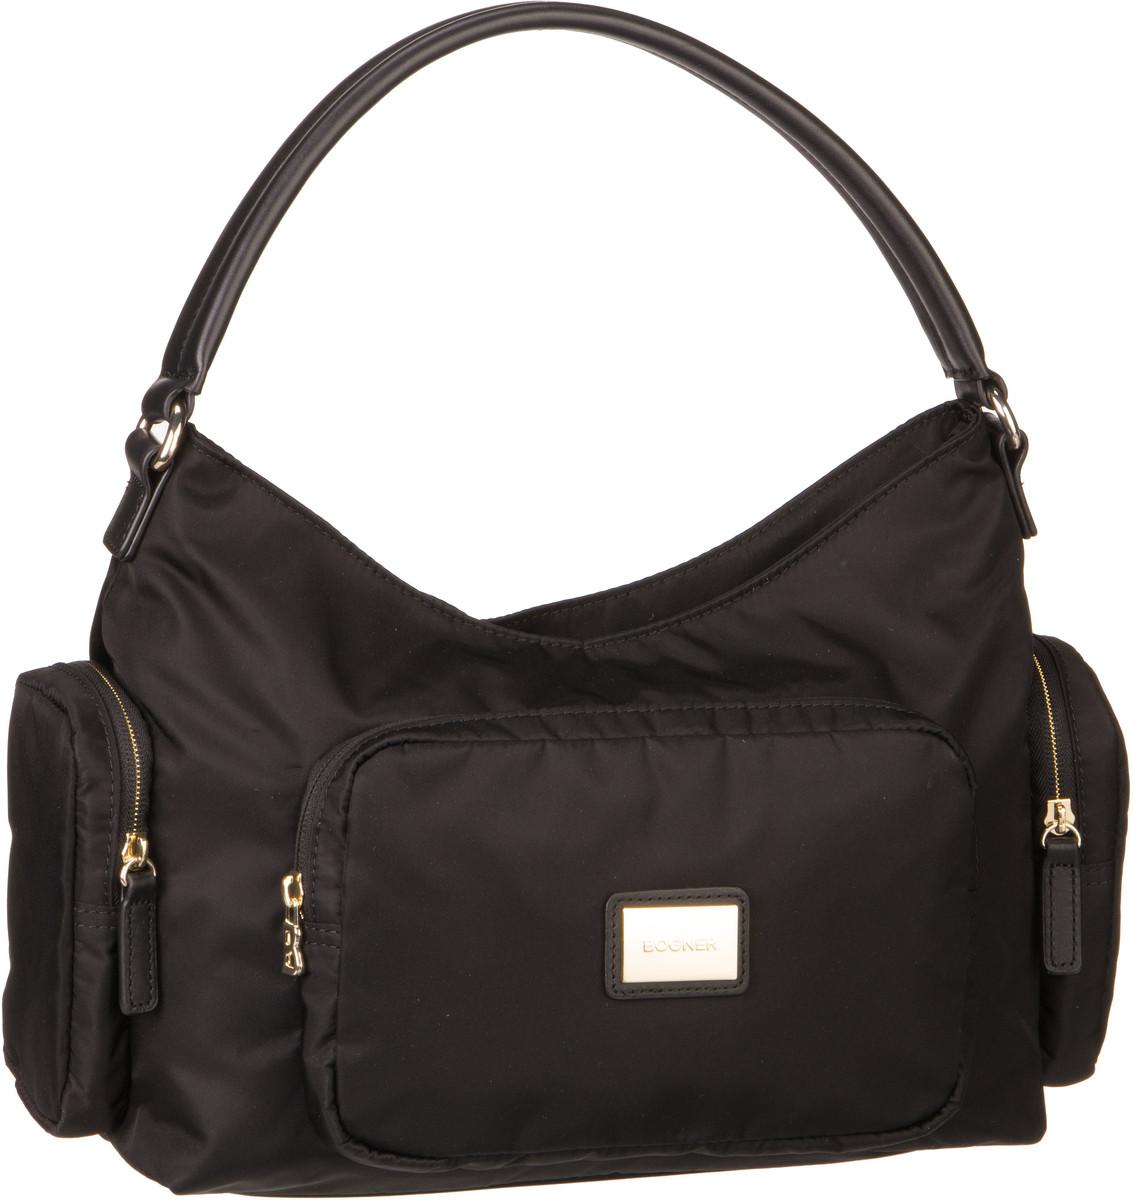 Handtaschen für Frauen - Bogner Aurum Anna Carbon Handtasche  - Onlineshop Taschenkaufhaus